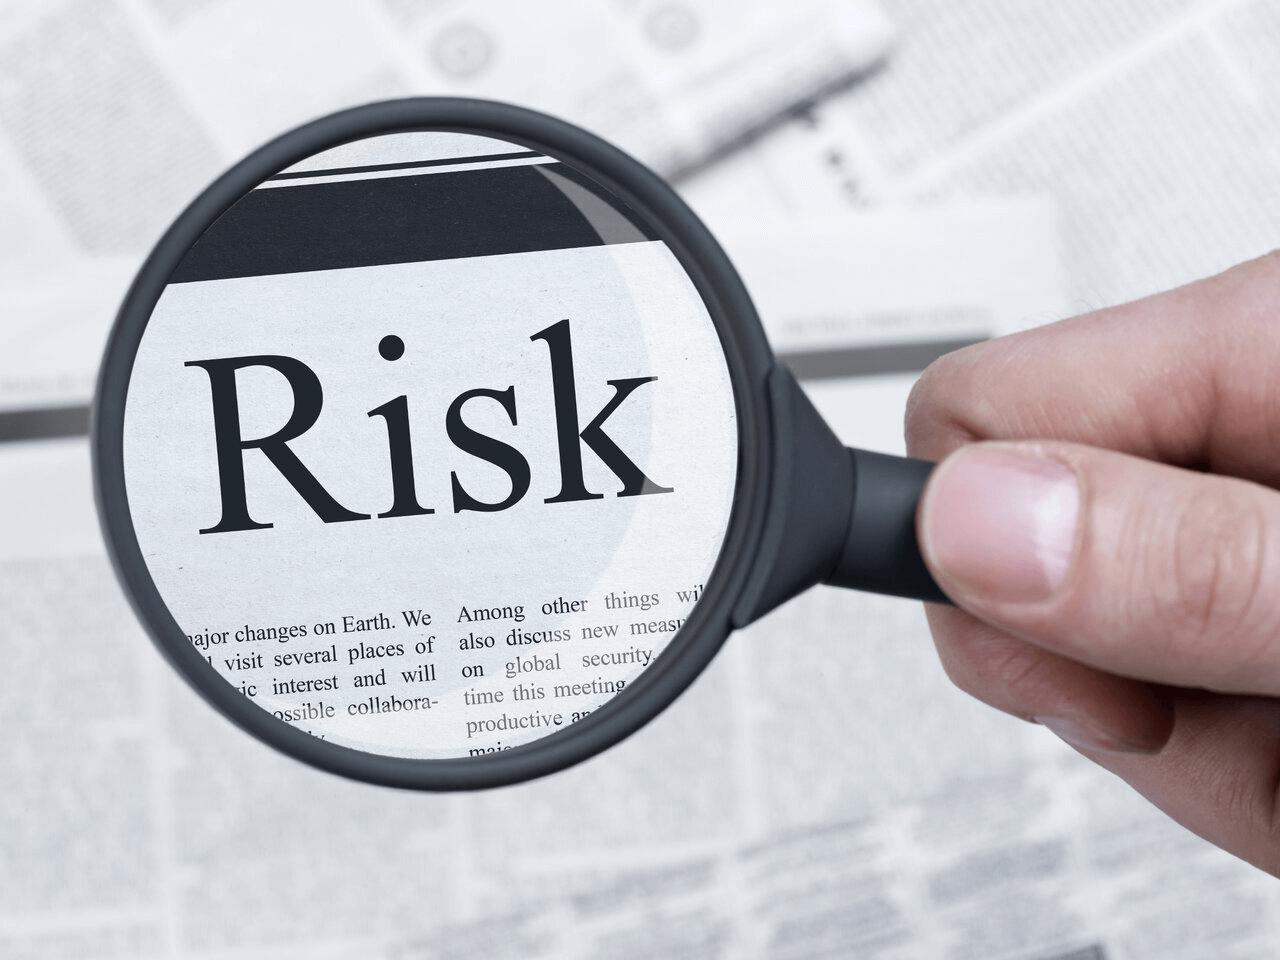 Risk Esaslı Kıymet Araştırması Uygulamalarına Yönelik İtirazlar Artıyor